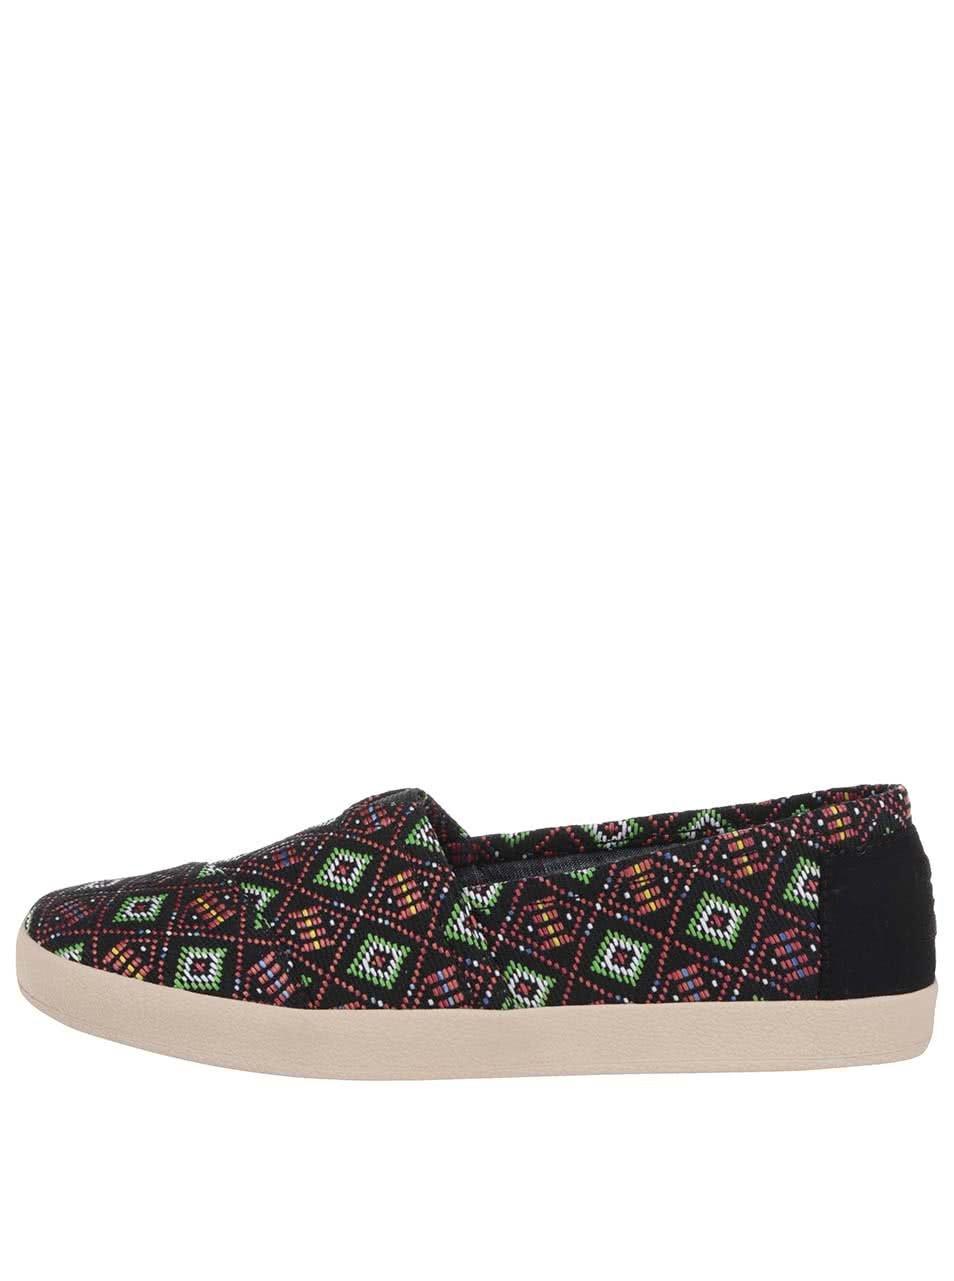 Černé dámské loafers s barevným vzorováním TOMS Avalon